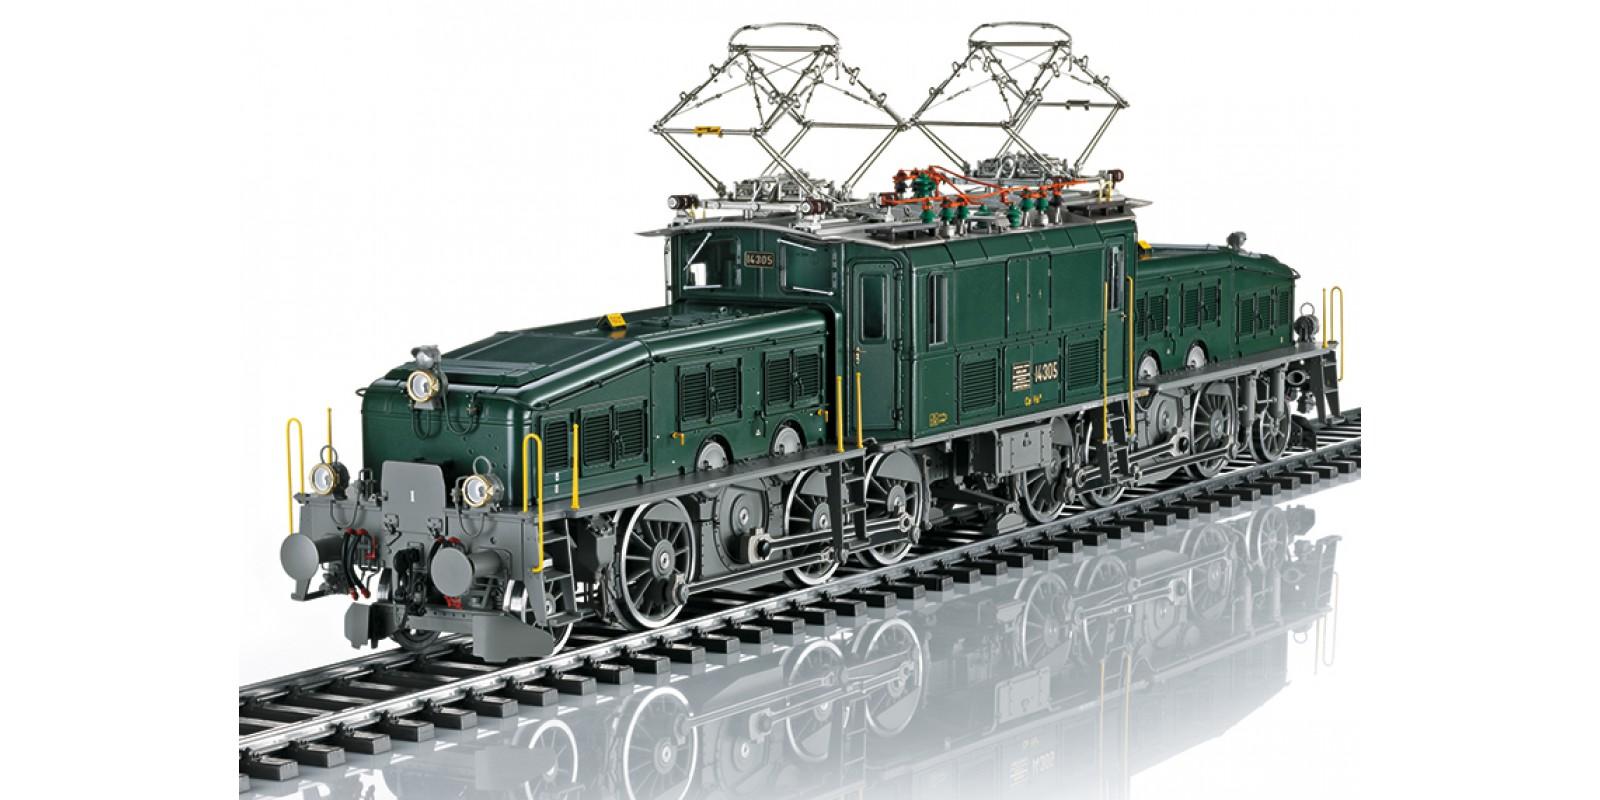 055681 Class Ce 6/8 III Electric Locomotive